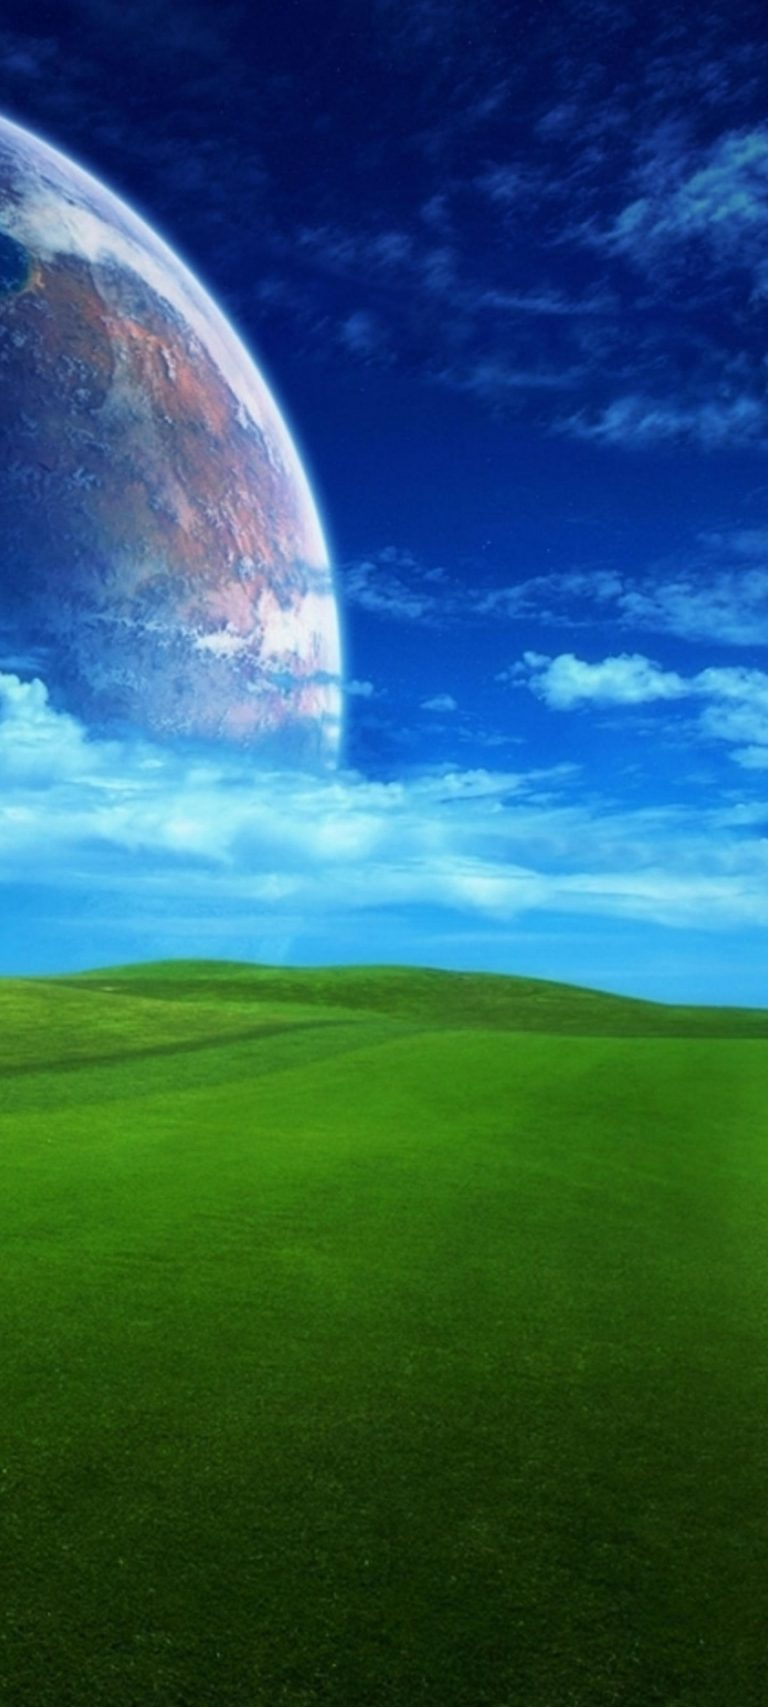 1440x3200 HD Wallpaper 099 768x1707 - 1440x3200 HD Wallpaper - 099